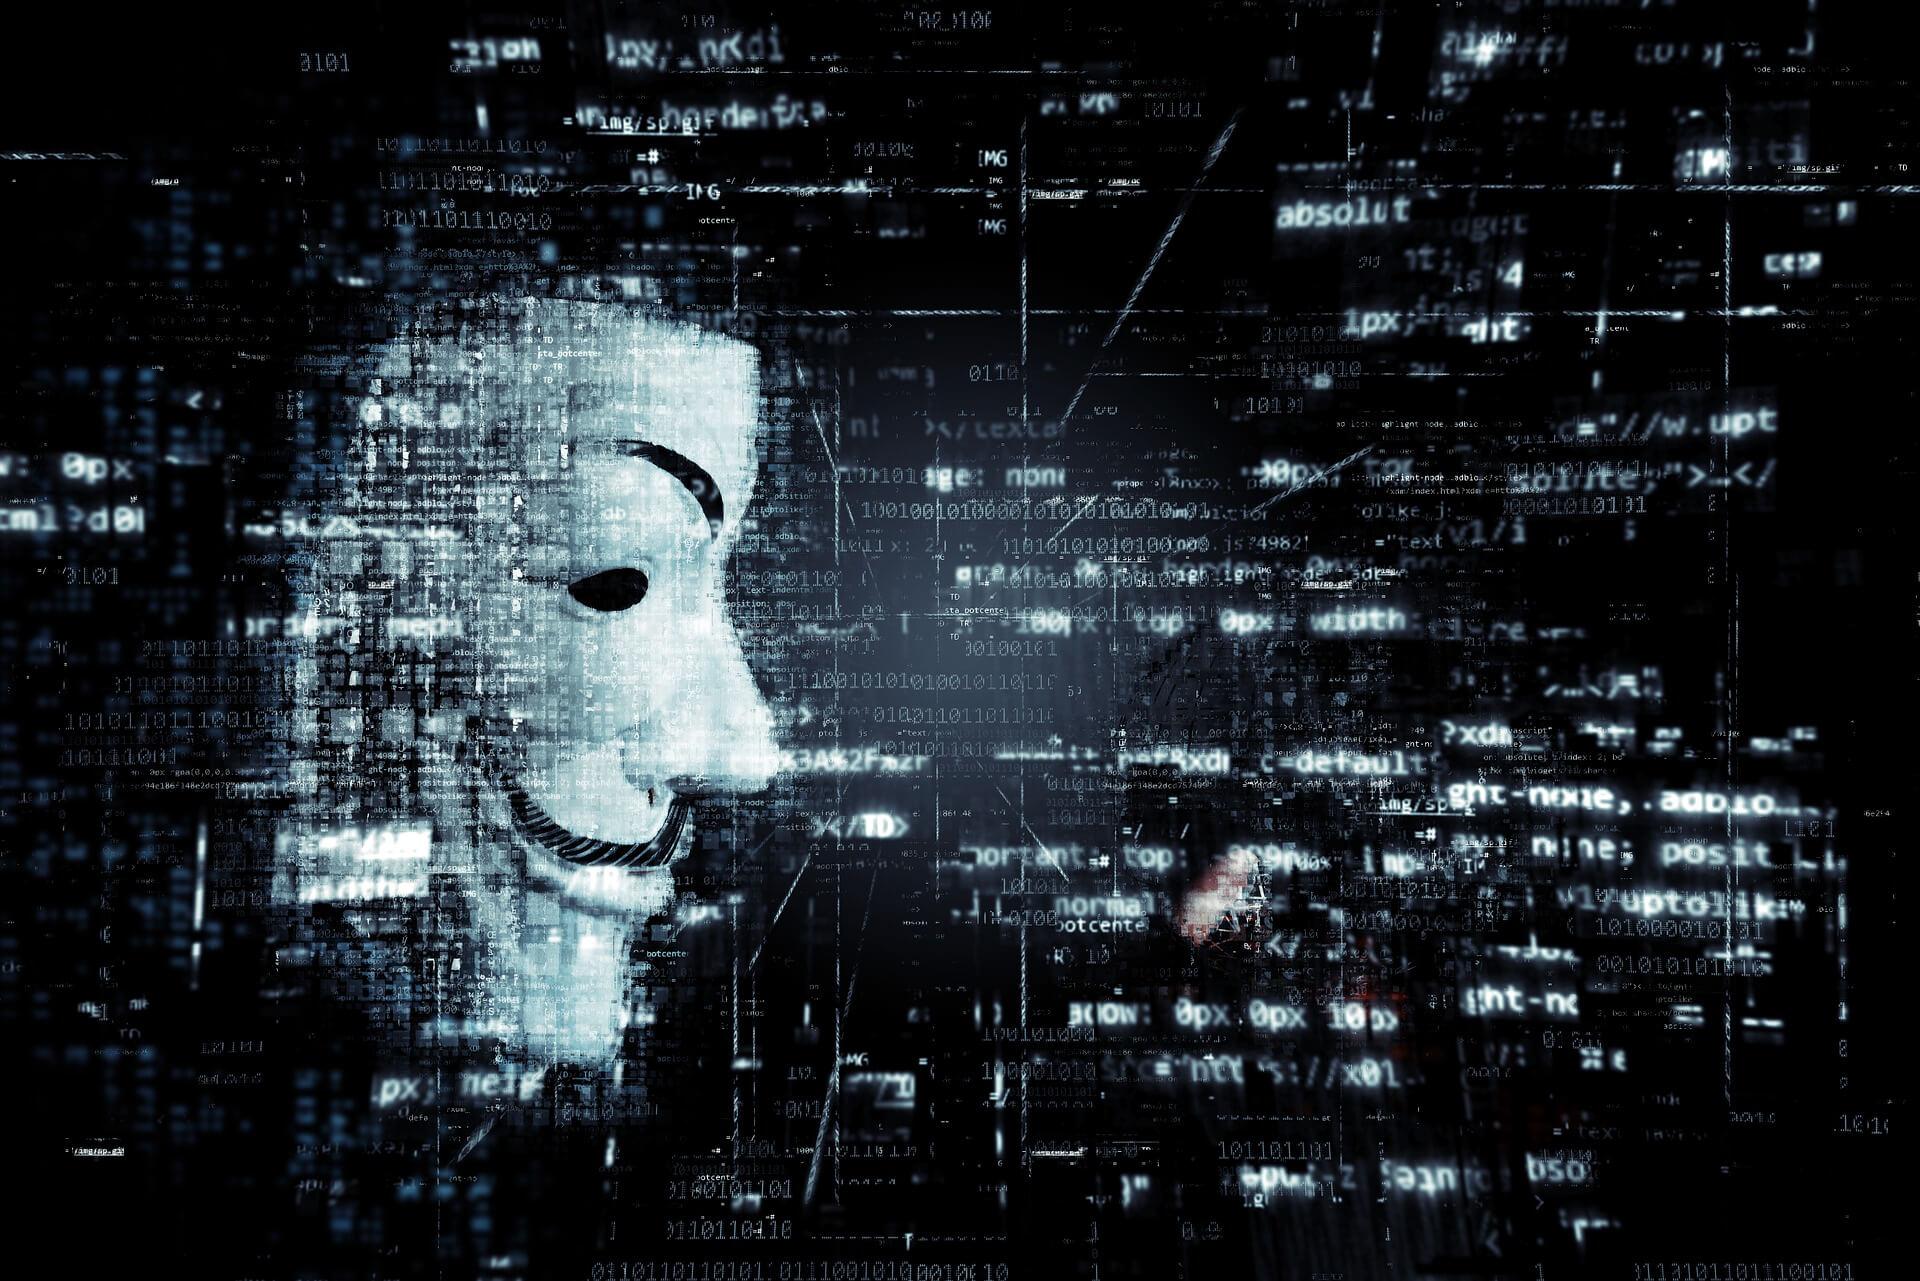 Criptoanarquismo, Cypherpunks y el Libro blanco del Bitcoin